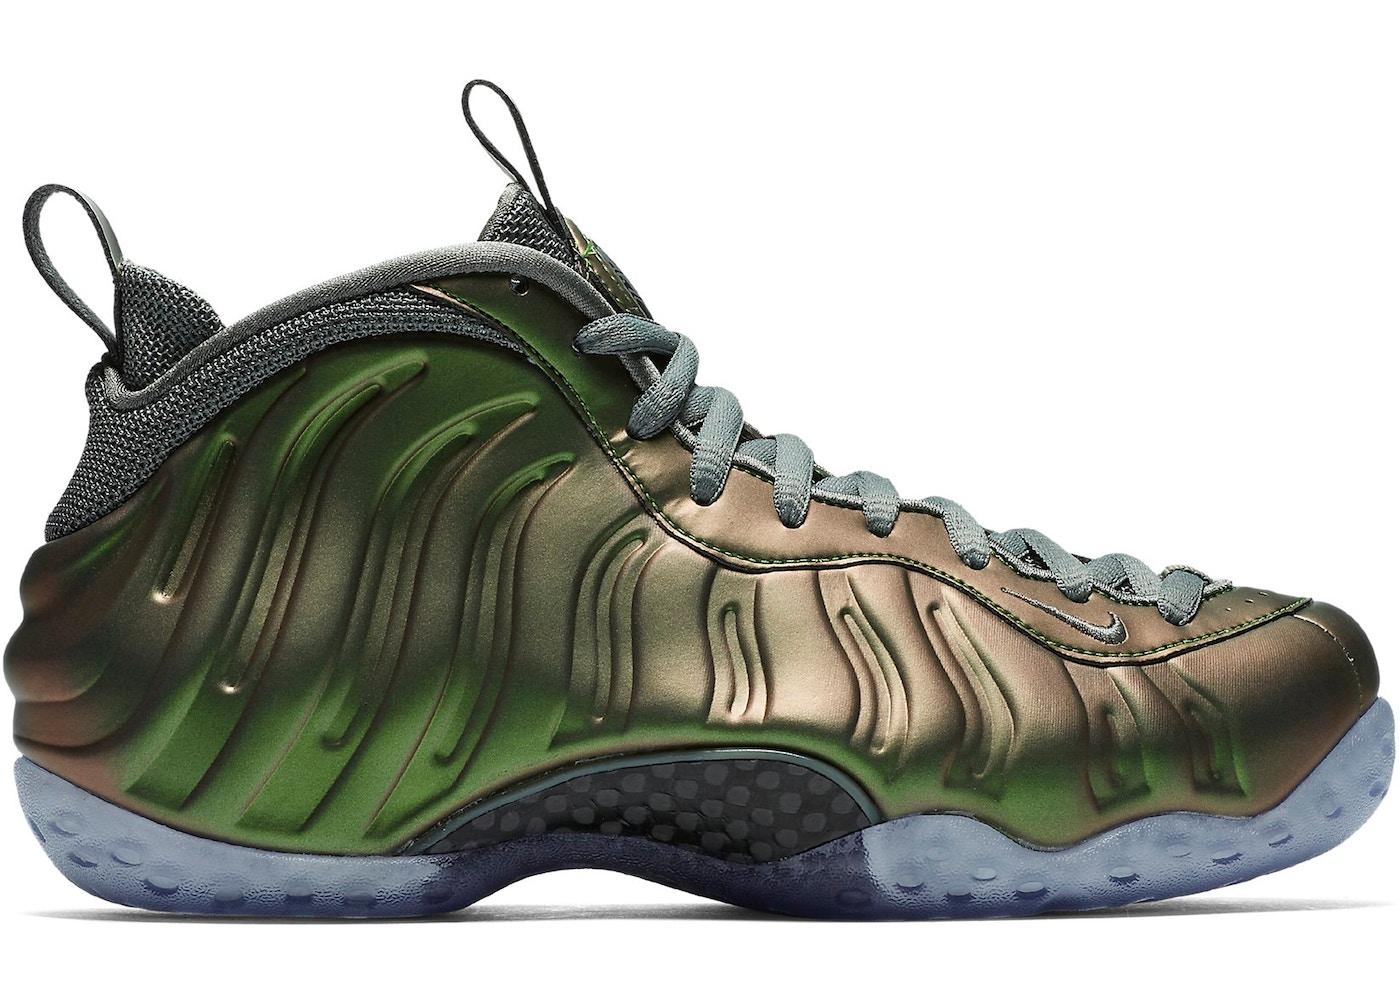 cdfe2c625e94a Buy Nike Foamposite Shoes   Deadstock Sneakers